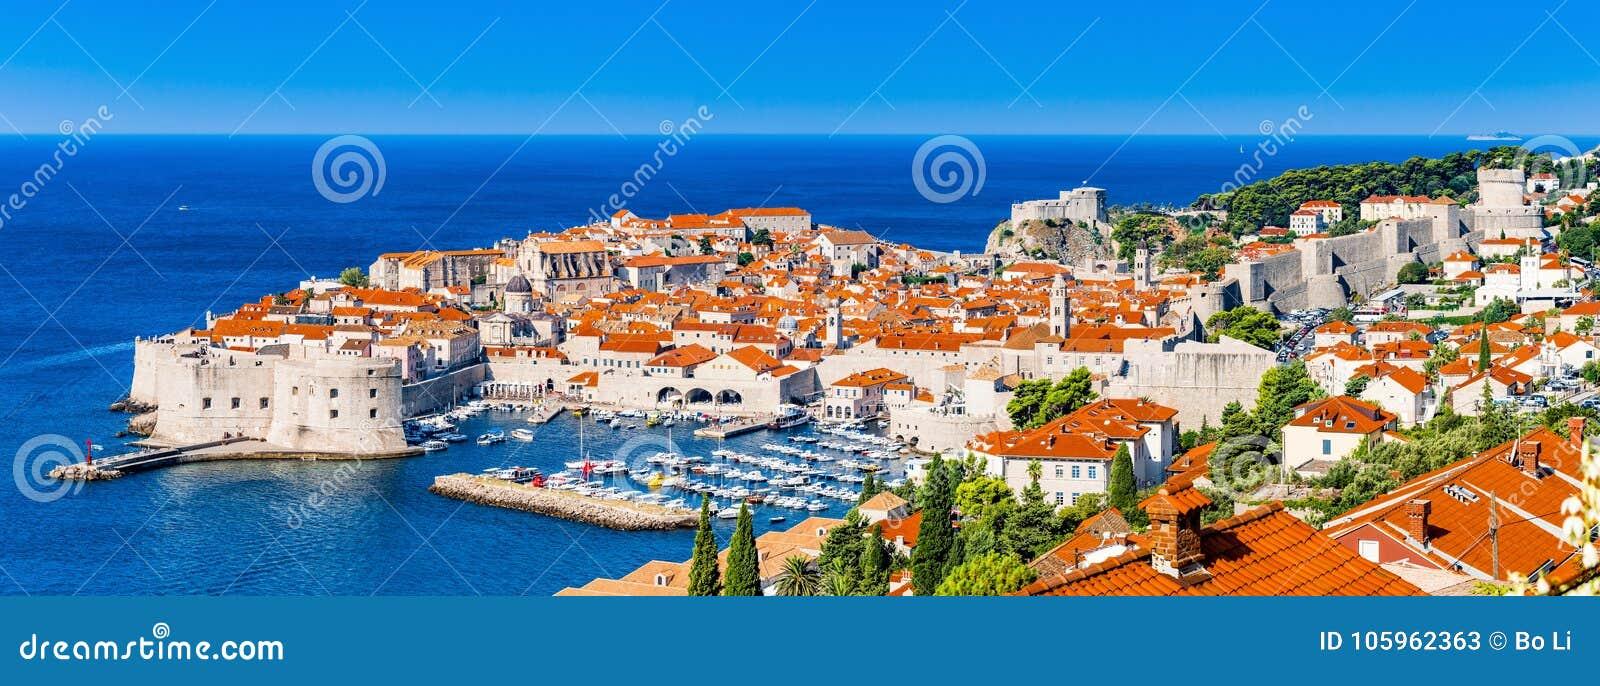 Croatia dubrovnik panorama